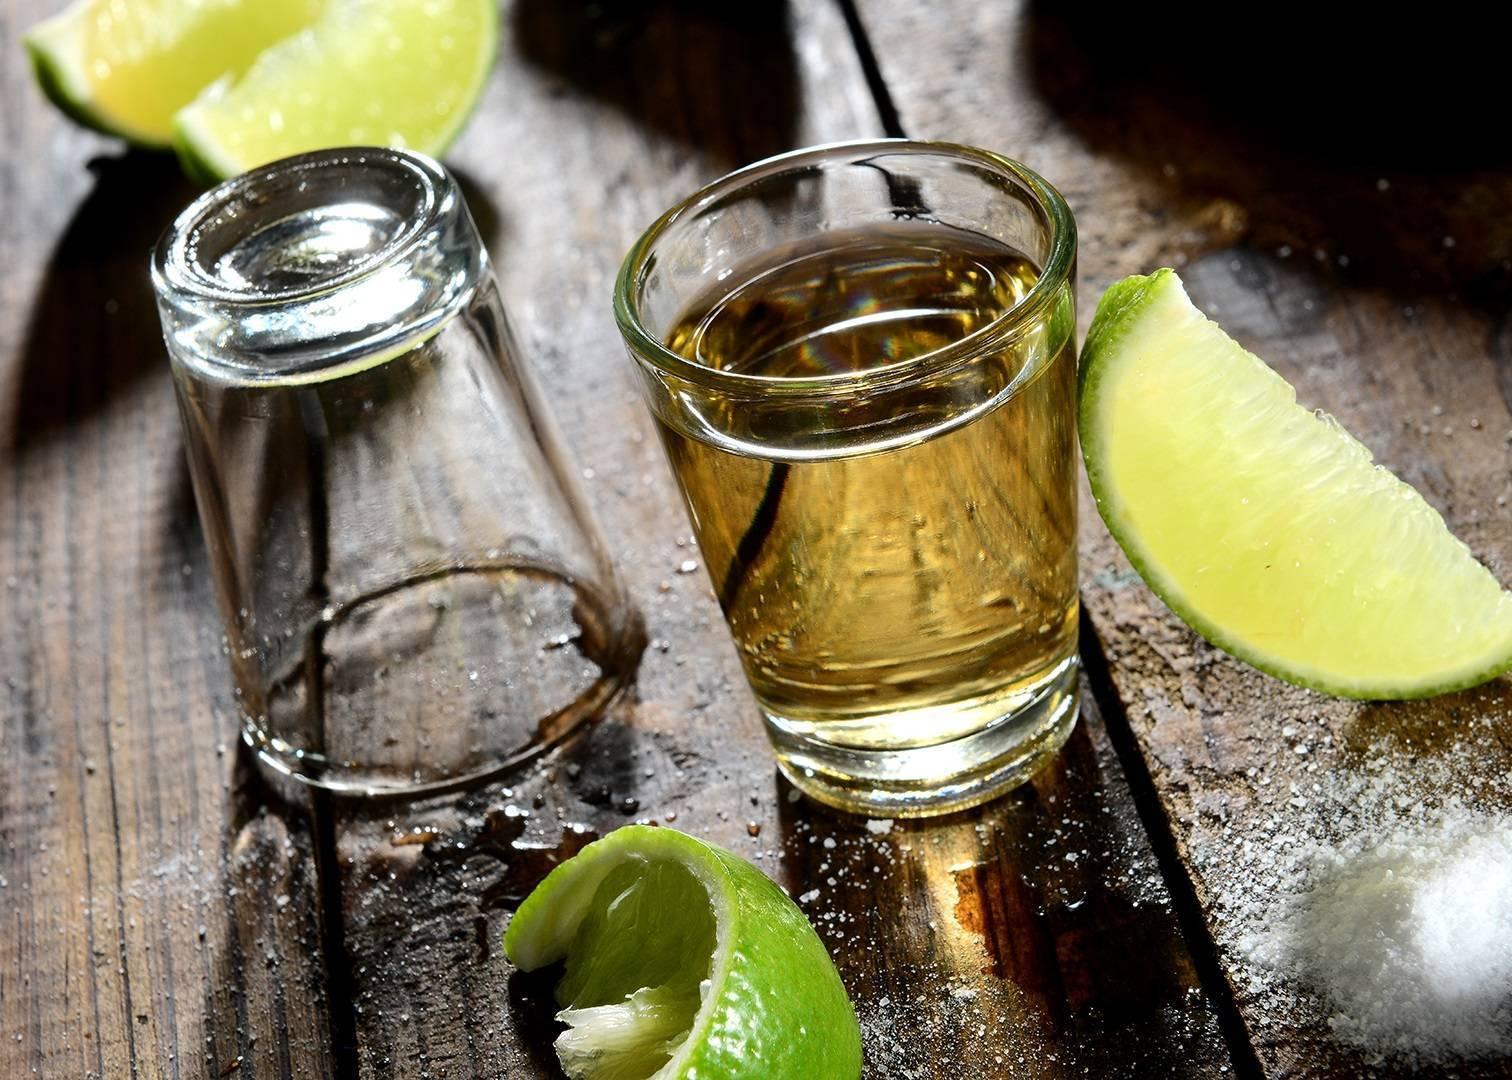 Как правильно пить текилу с солью 5 вариантов и 5 коктейлей с текилой